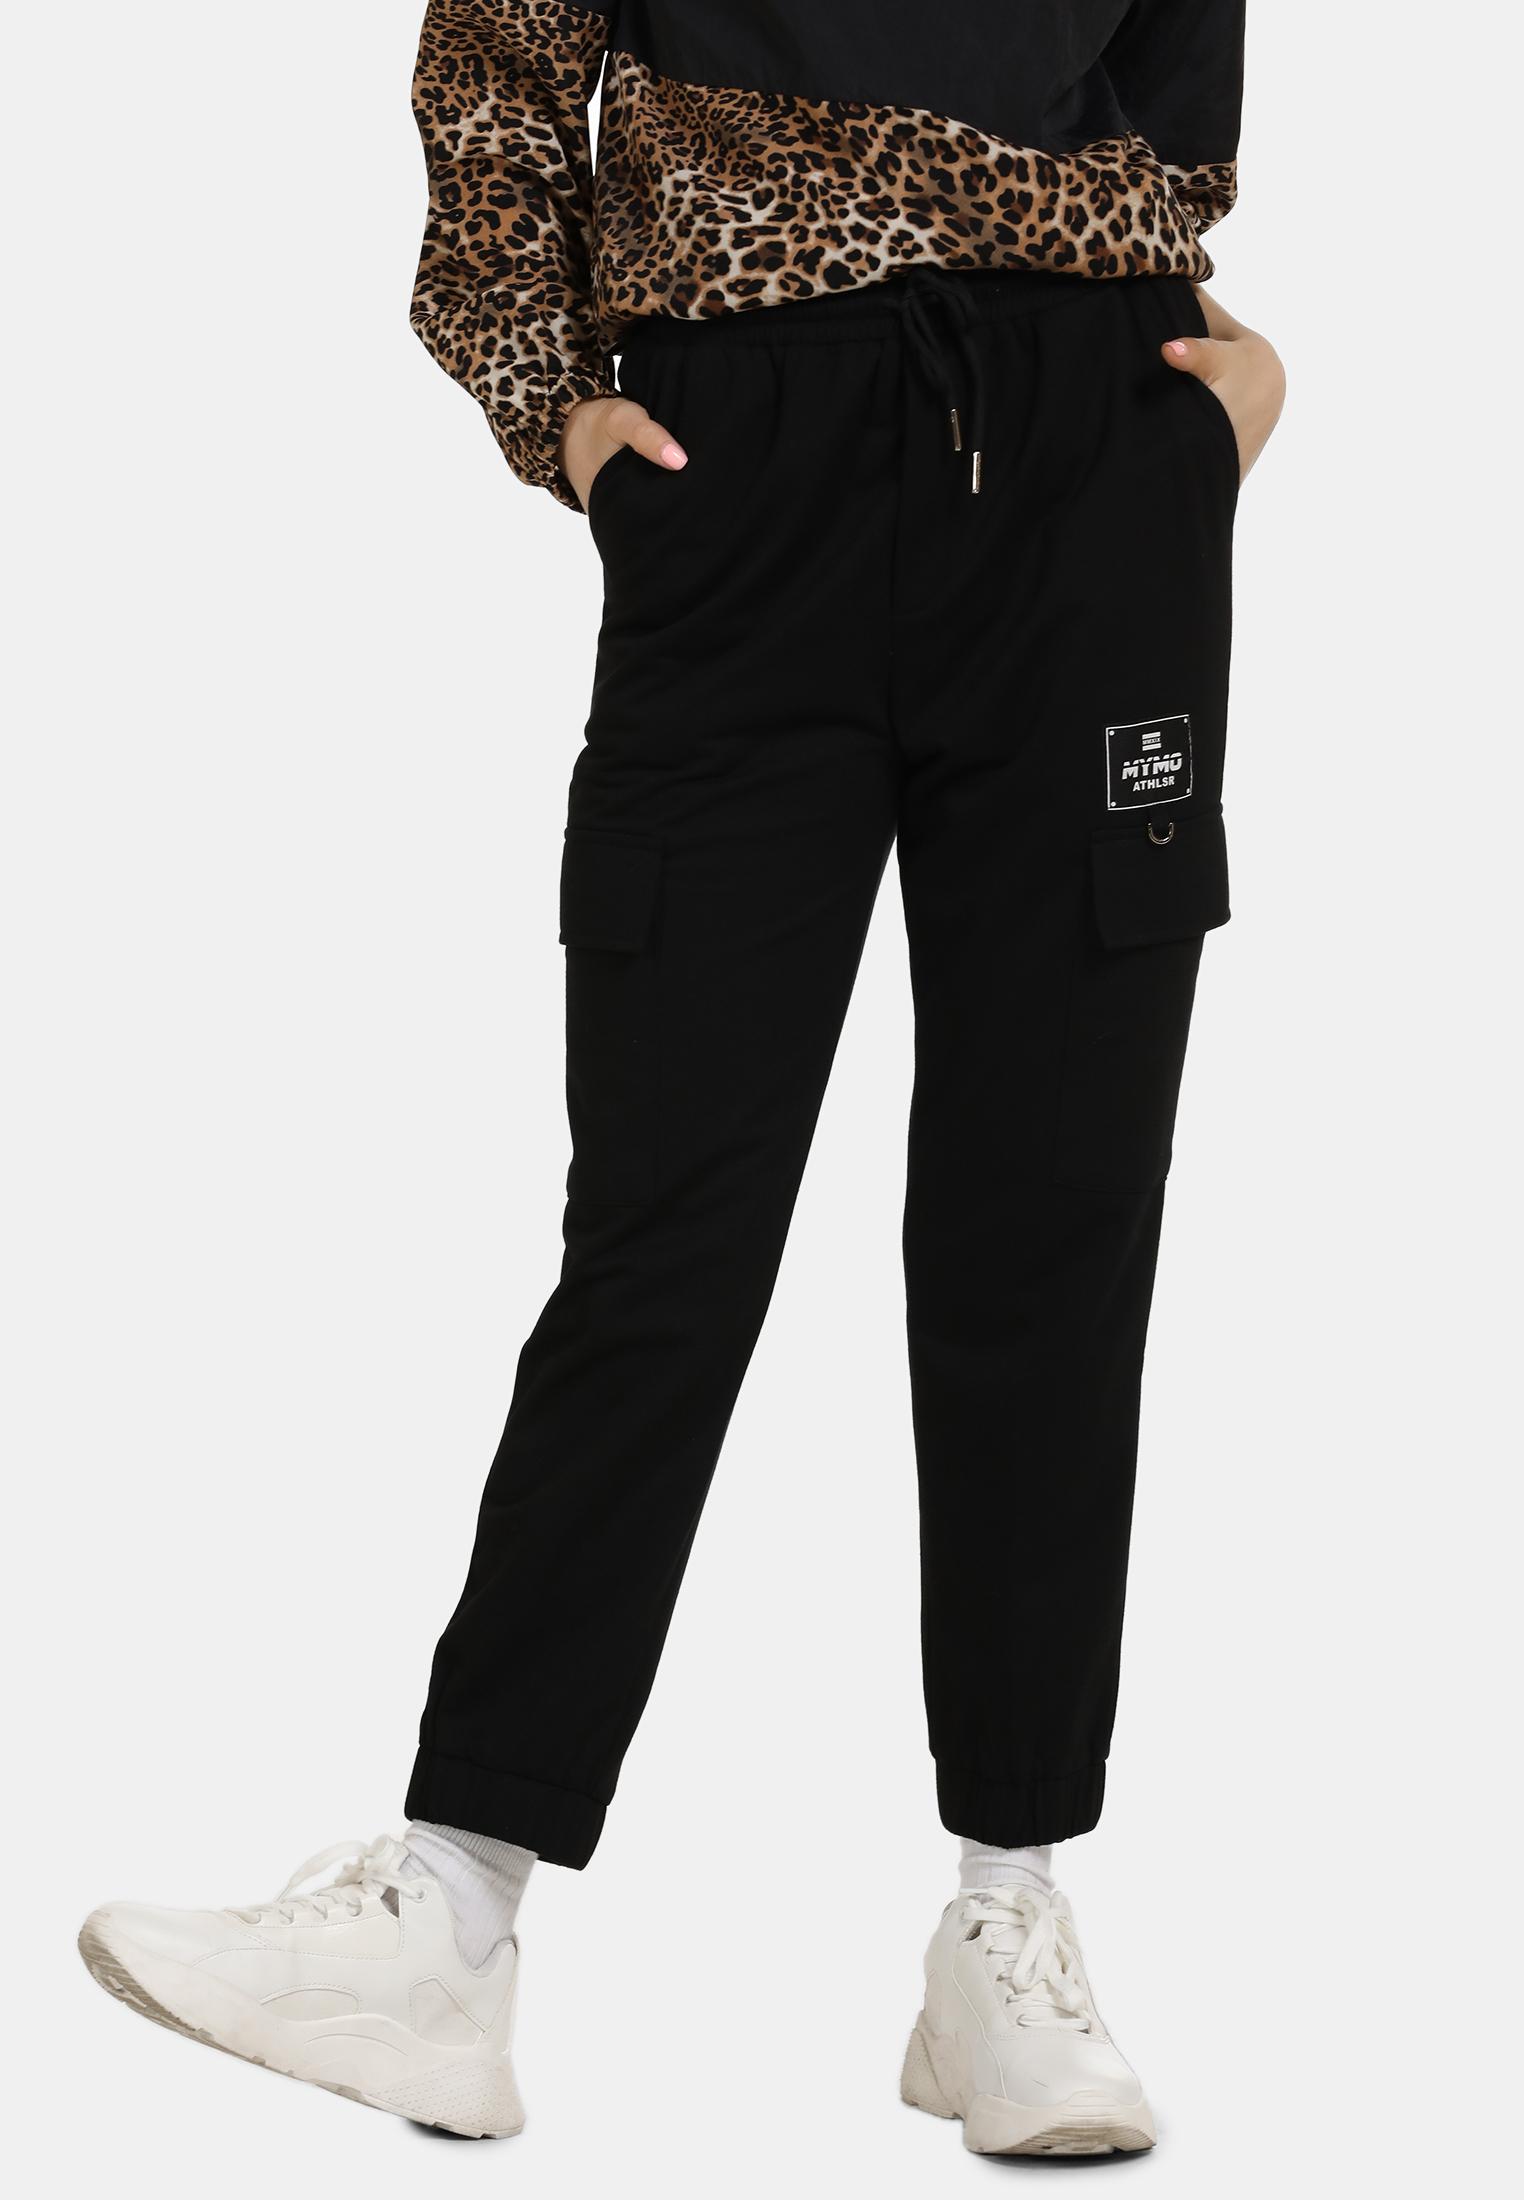 MyMO ATHLSR Jogginghose in schwarz günstig kaufen